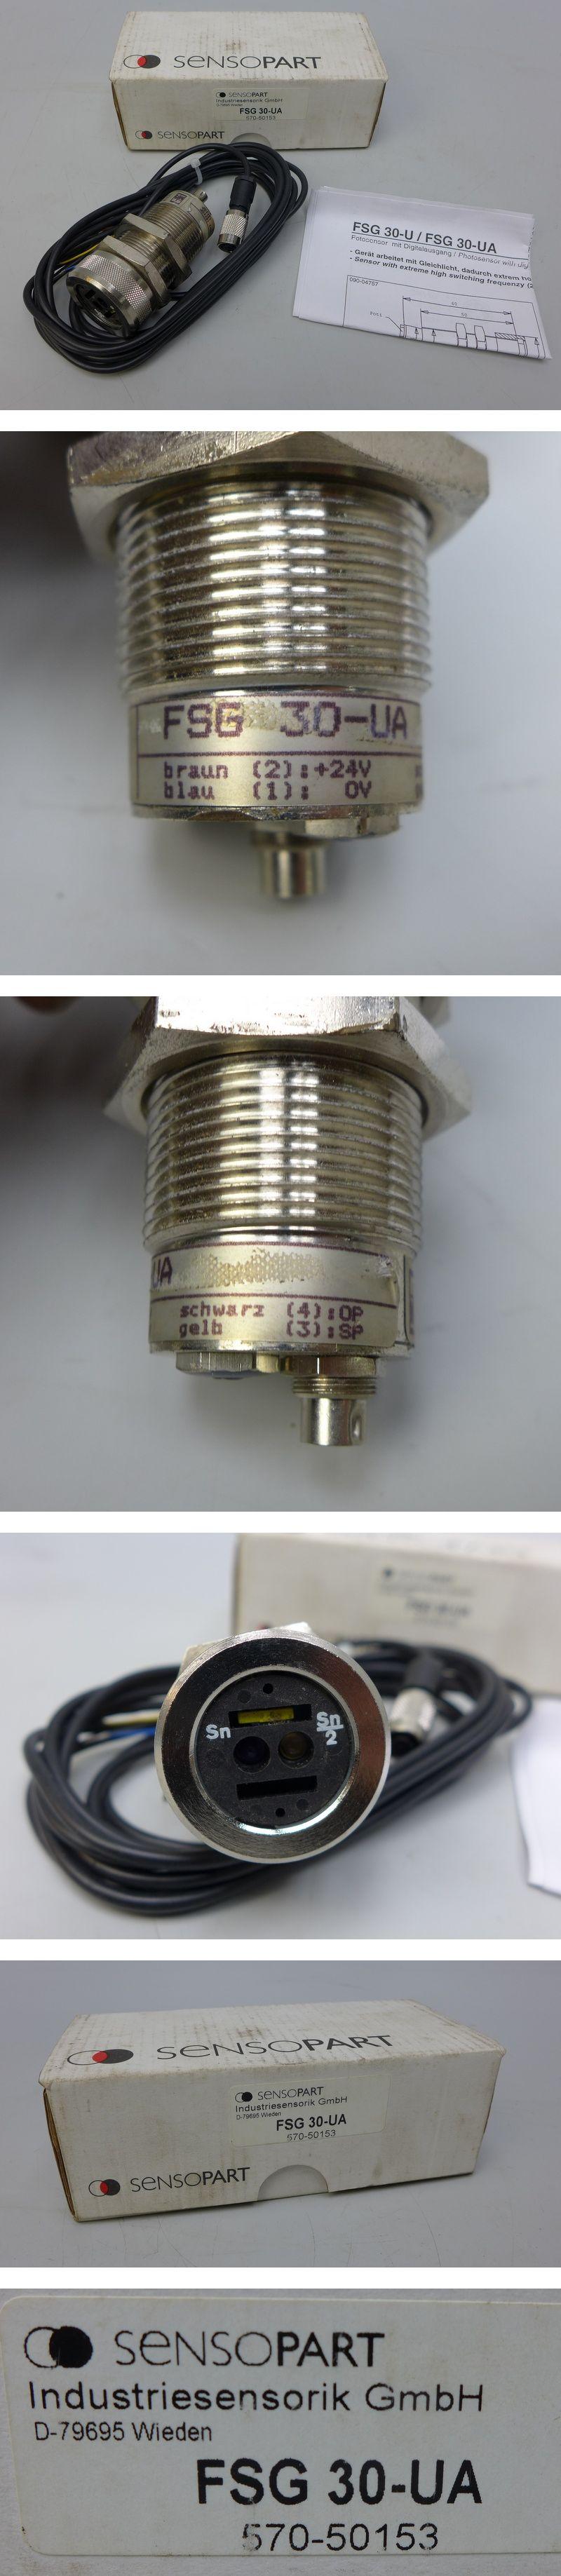 Sensopart FSG30-UA